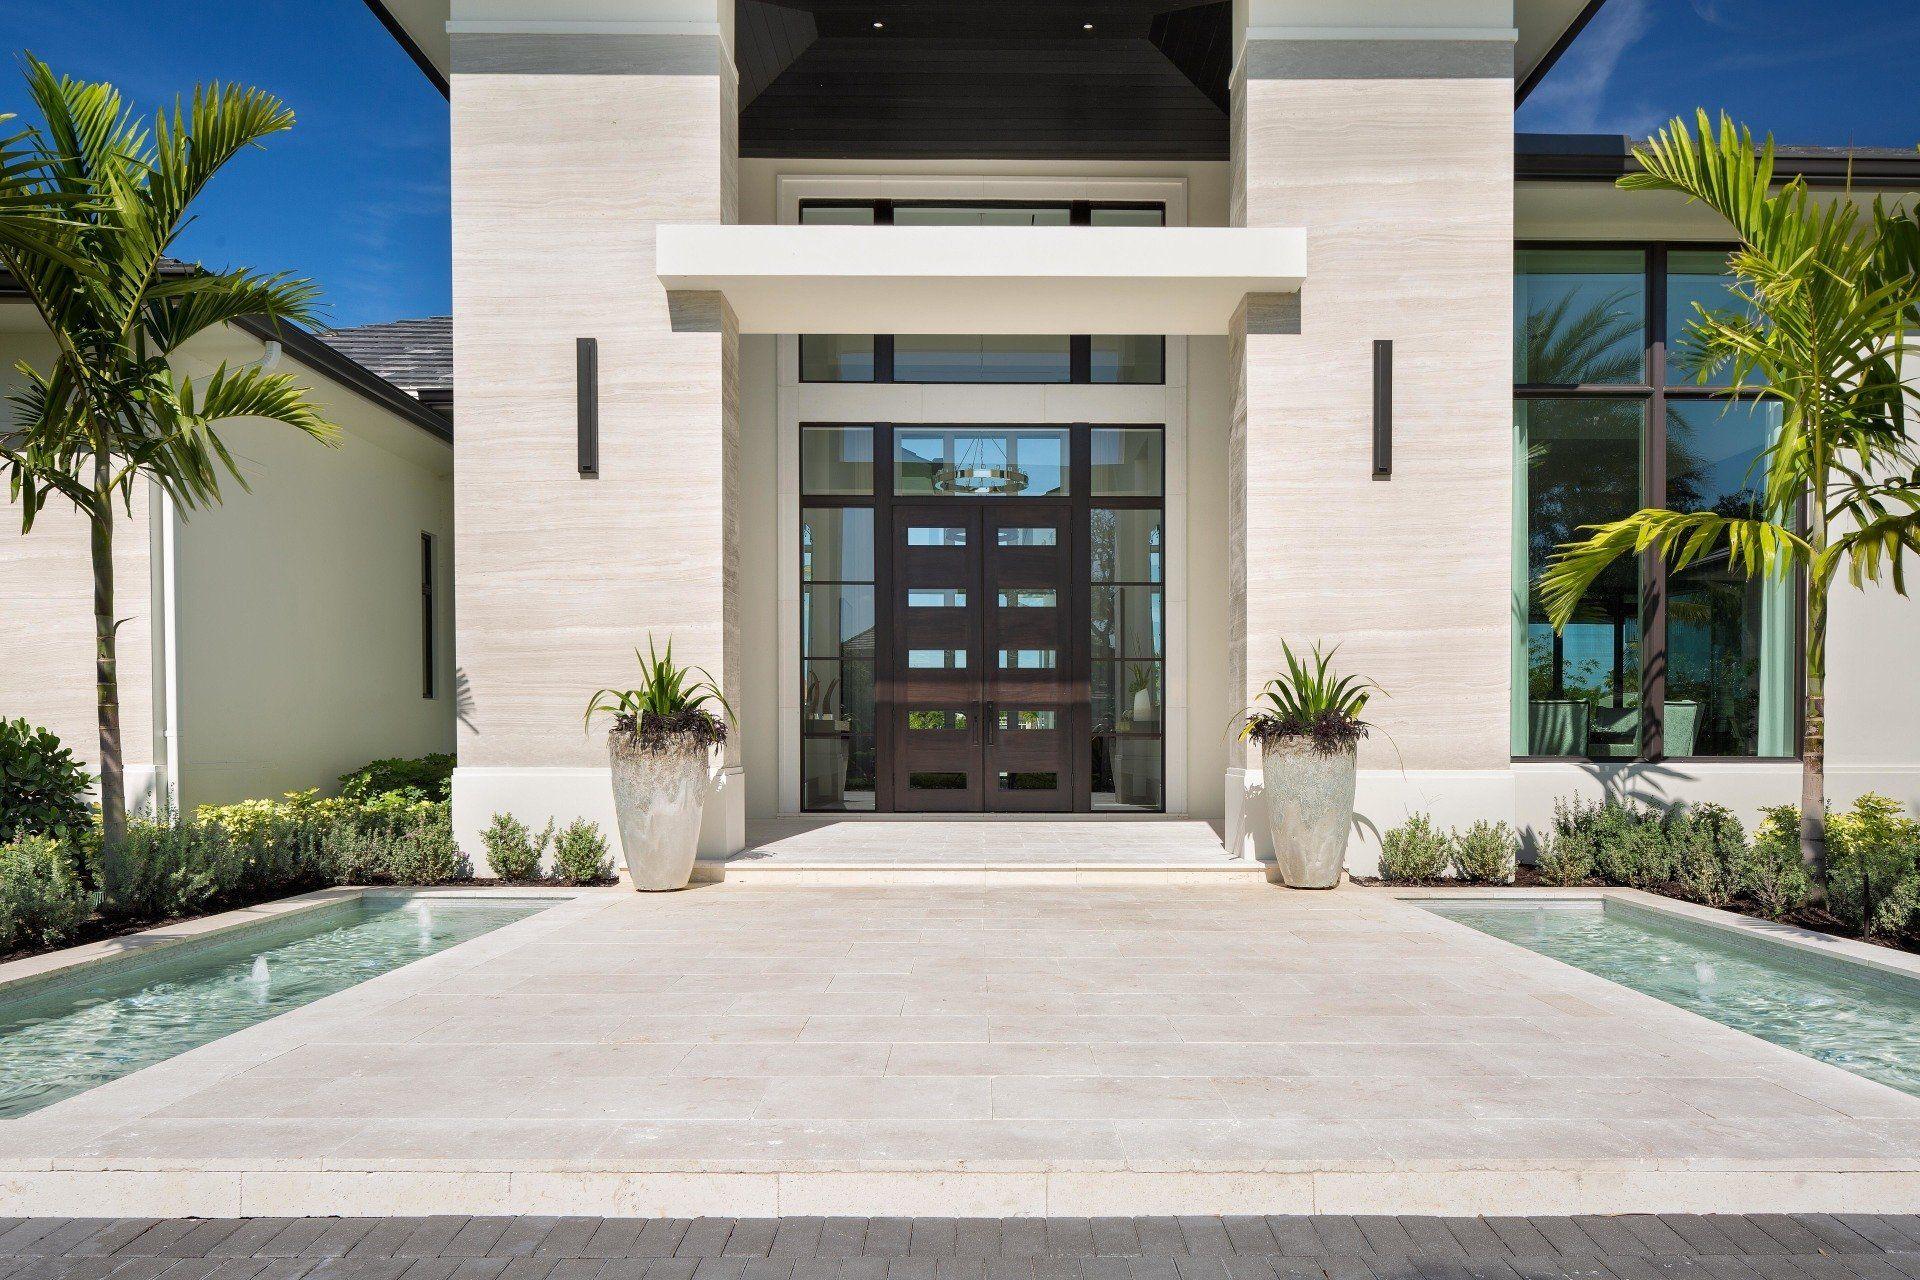 R.G. Designs Inc Home Designs   Bonita Springs, FL